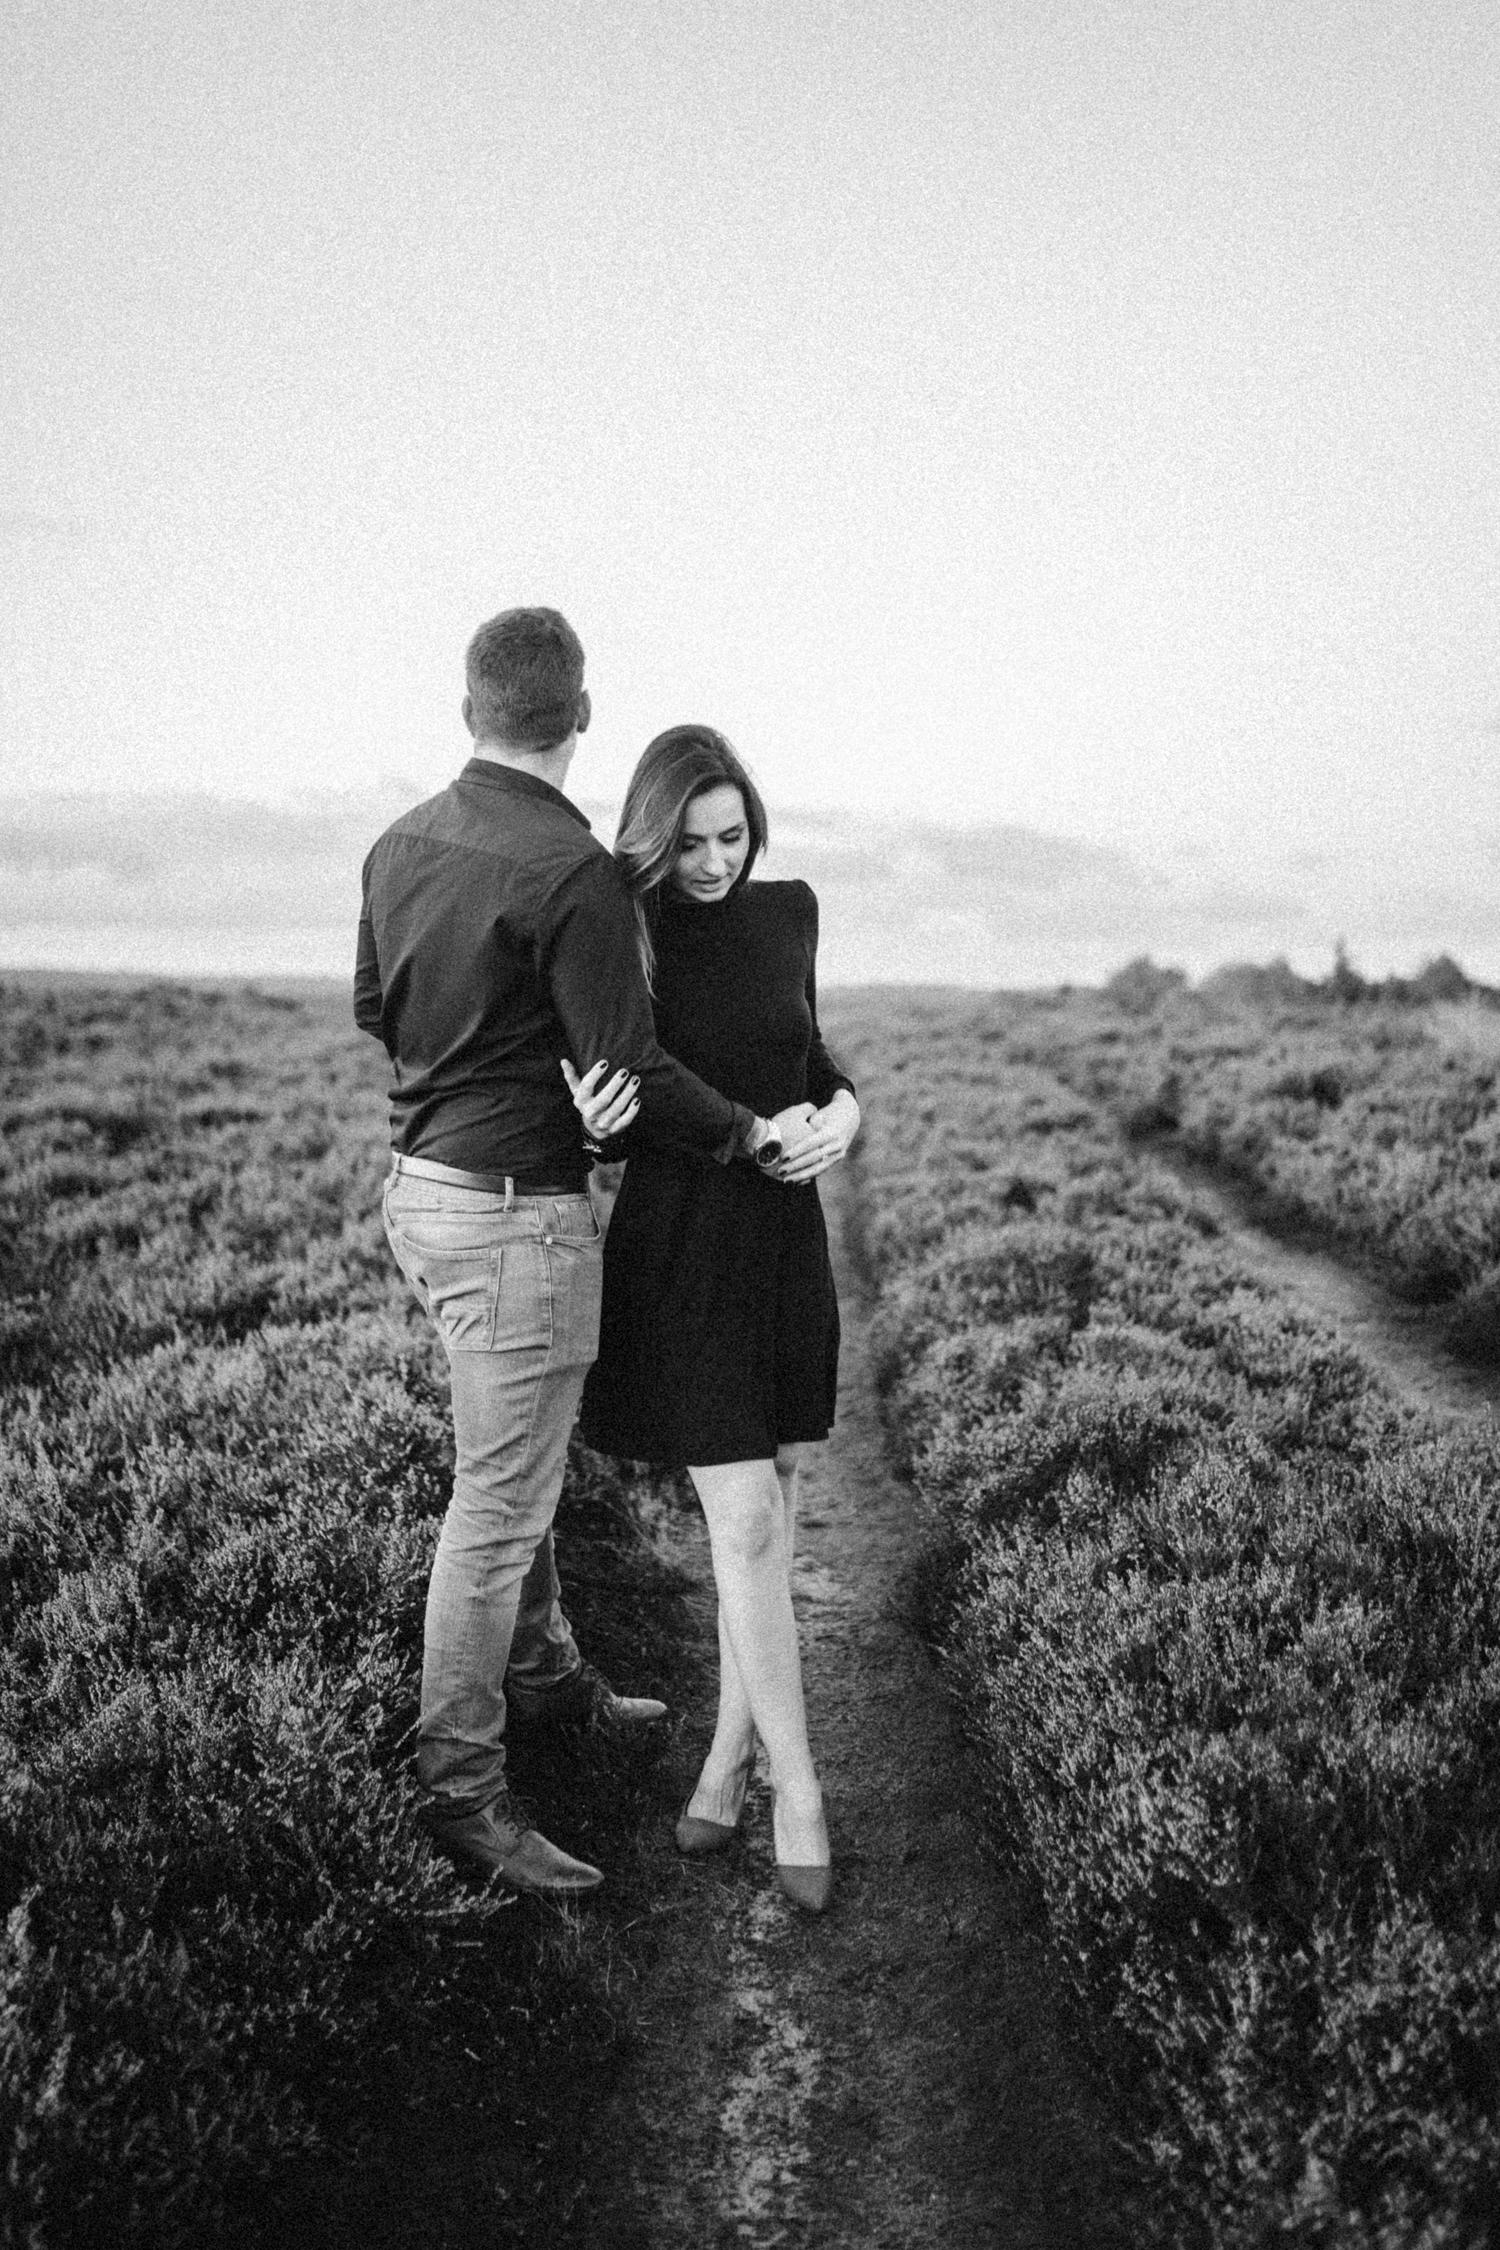 Darina-Stoda-Lifestyle-Photography-Photorapher-Devon-Norfolk-Love-Couple-14.jpg